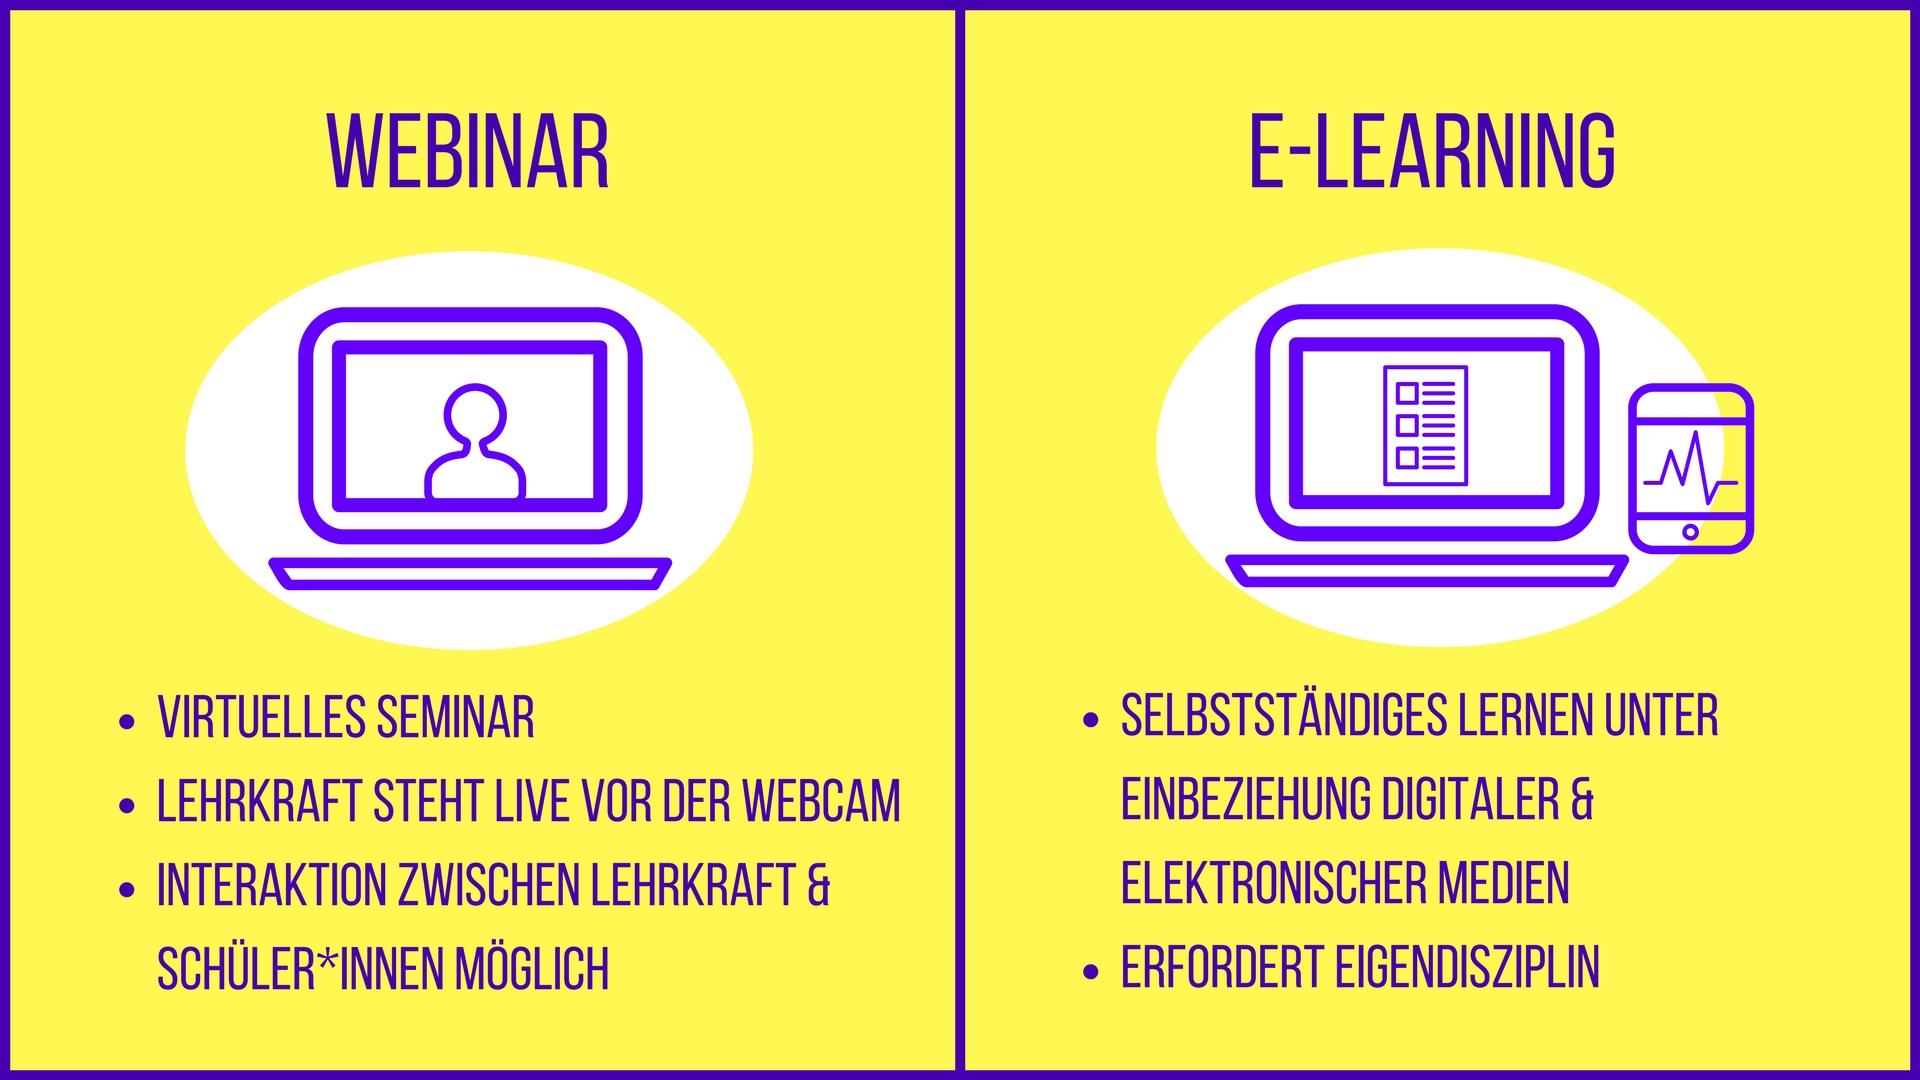 E-Learning oder Webinar?